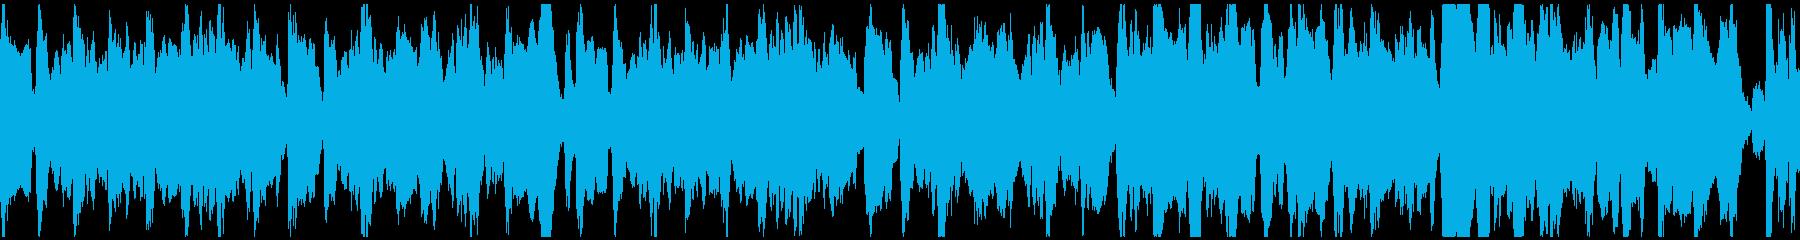 教育コンテンツ向け_01(ループ)の再生済みの波形